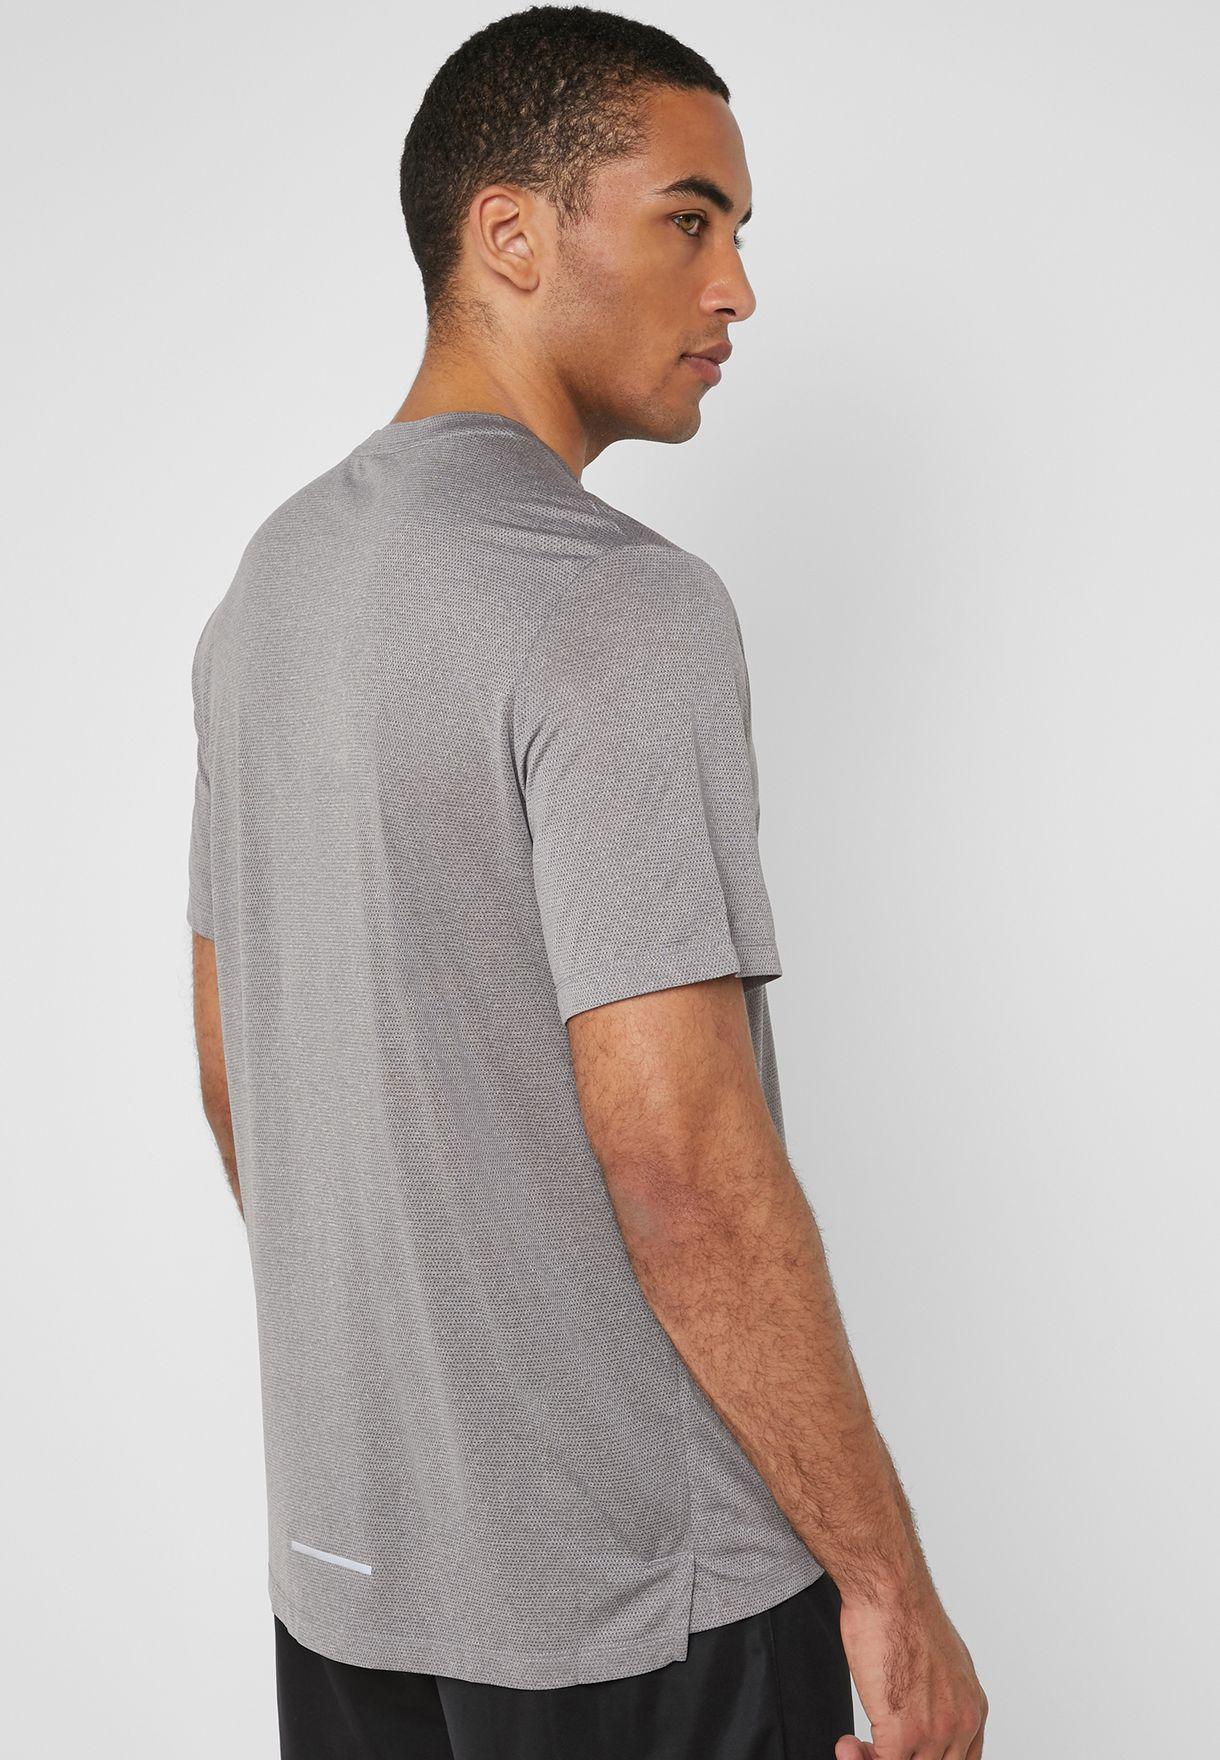 Cool Dri-FIT Miler T-Shirt